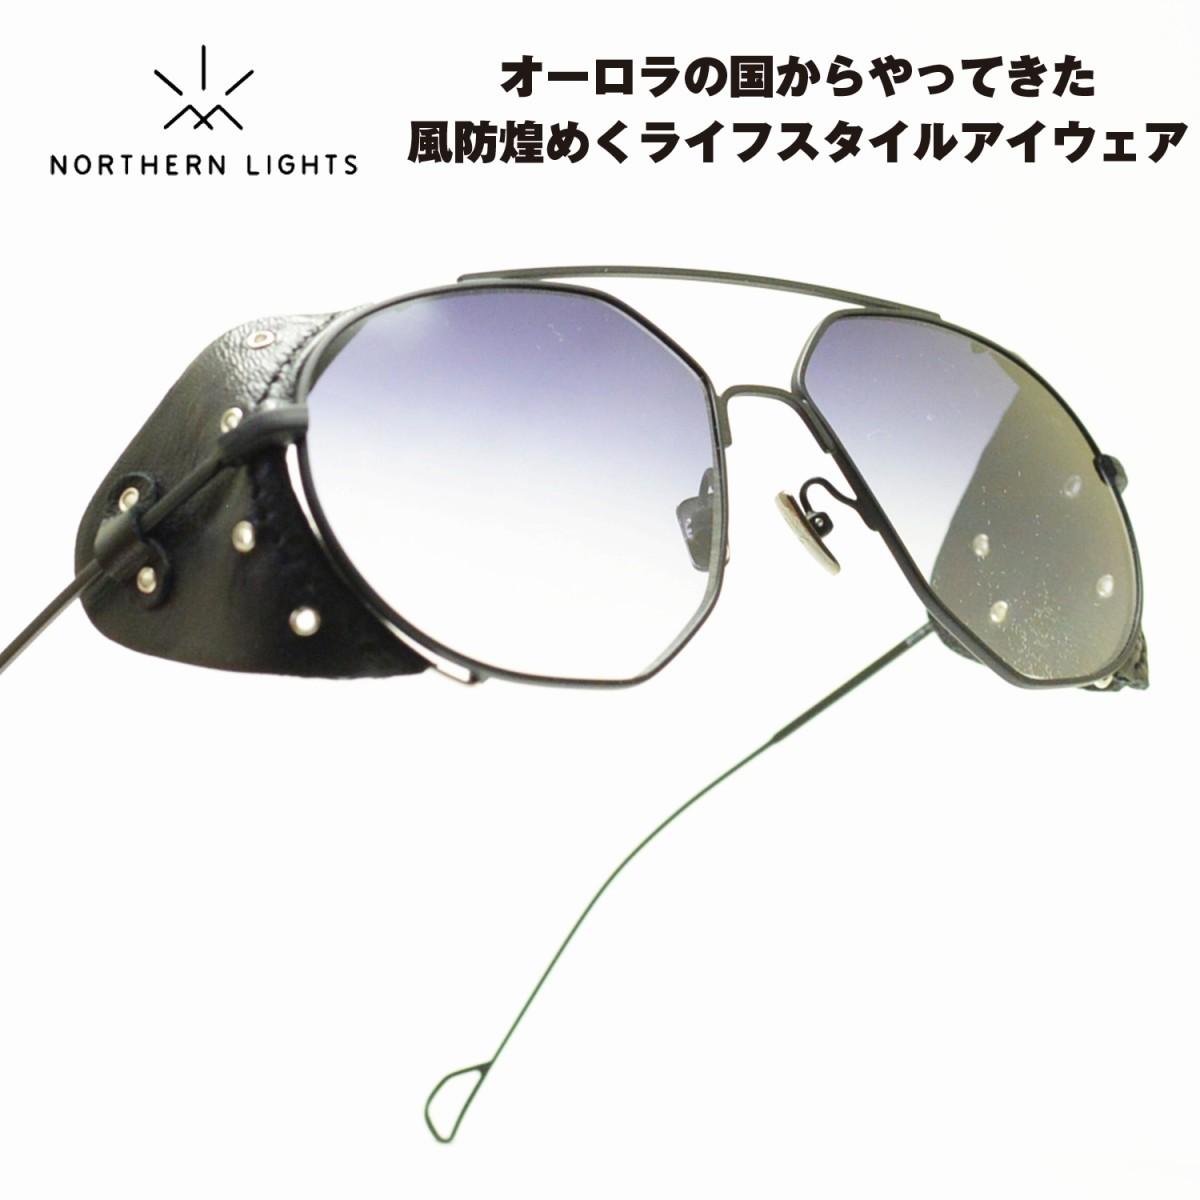 NORTHERN LIGHTS ノーザンライツ NL-23-060マットブラック/ブラックグラデュエントサイドフード取り外し可能ですメガネ サングラス 眼鏡 めがね メンズ レディース おしゃれ ブランド 人気 おすすめ フレーム 流行り 度付き レンズ